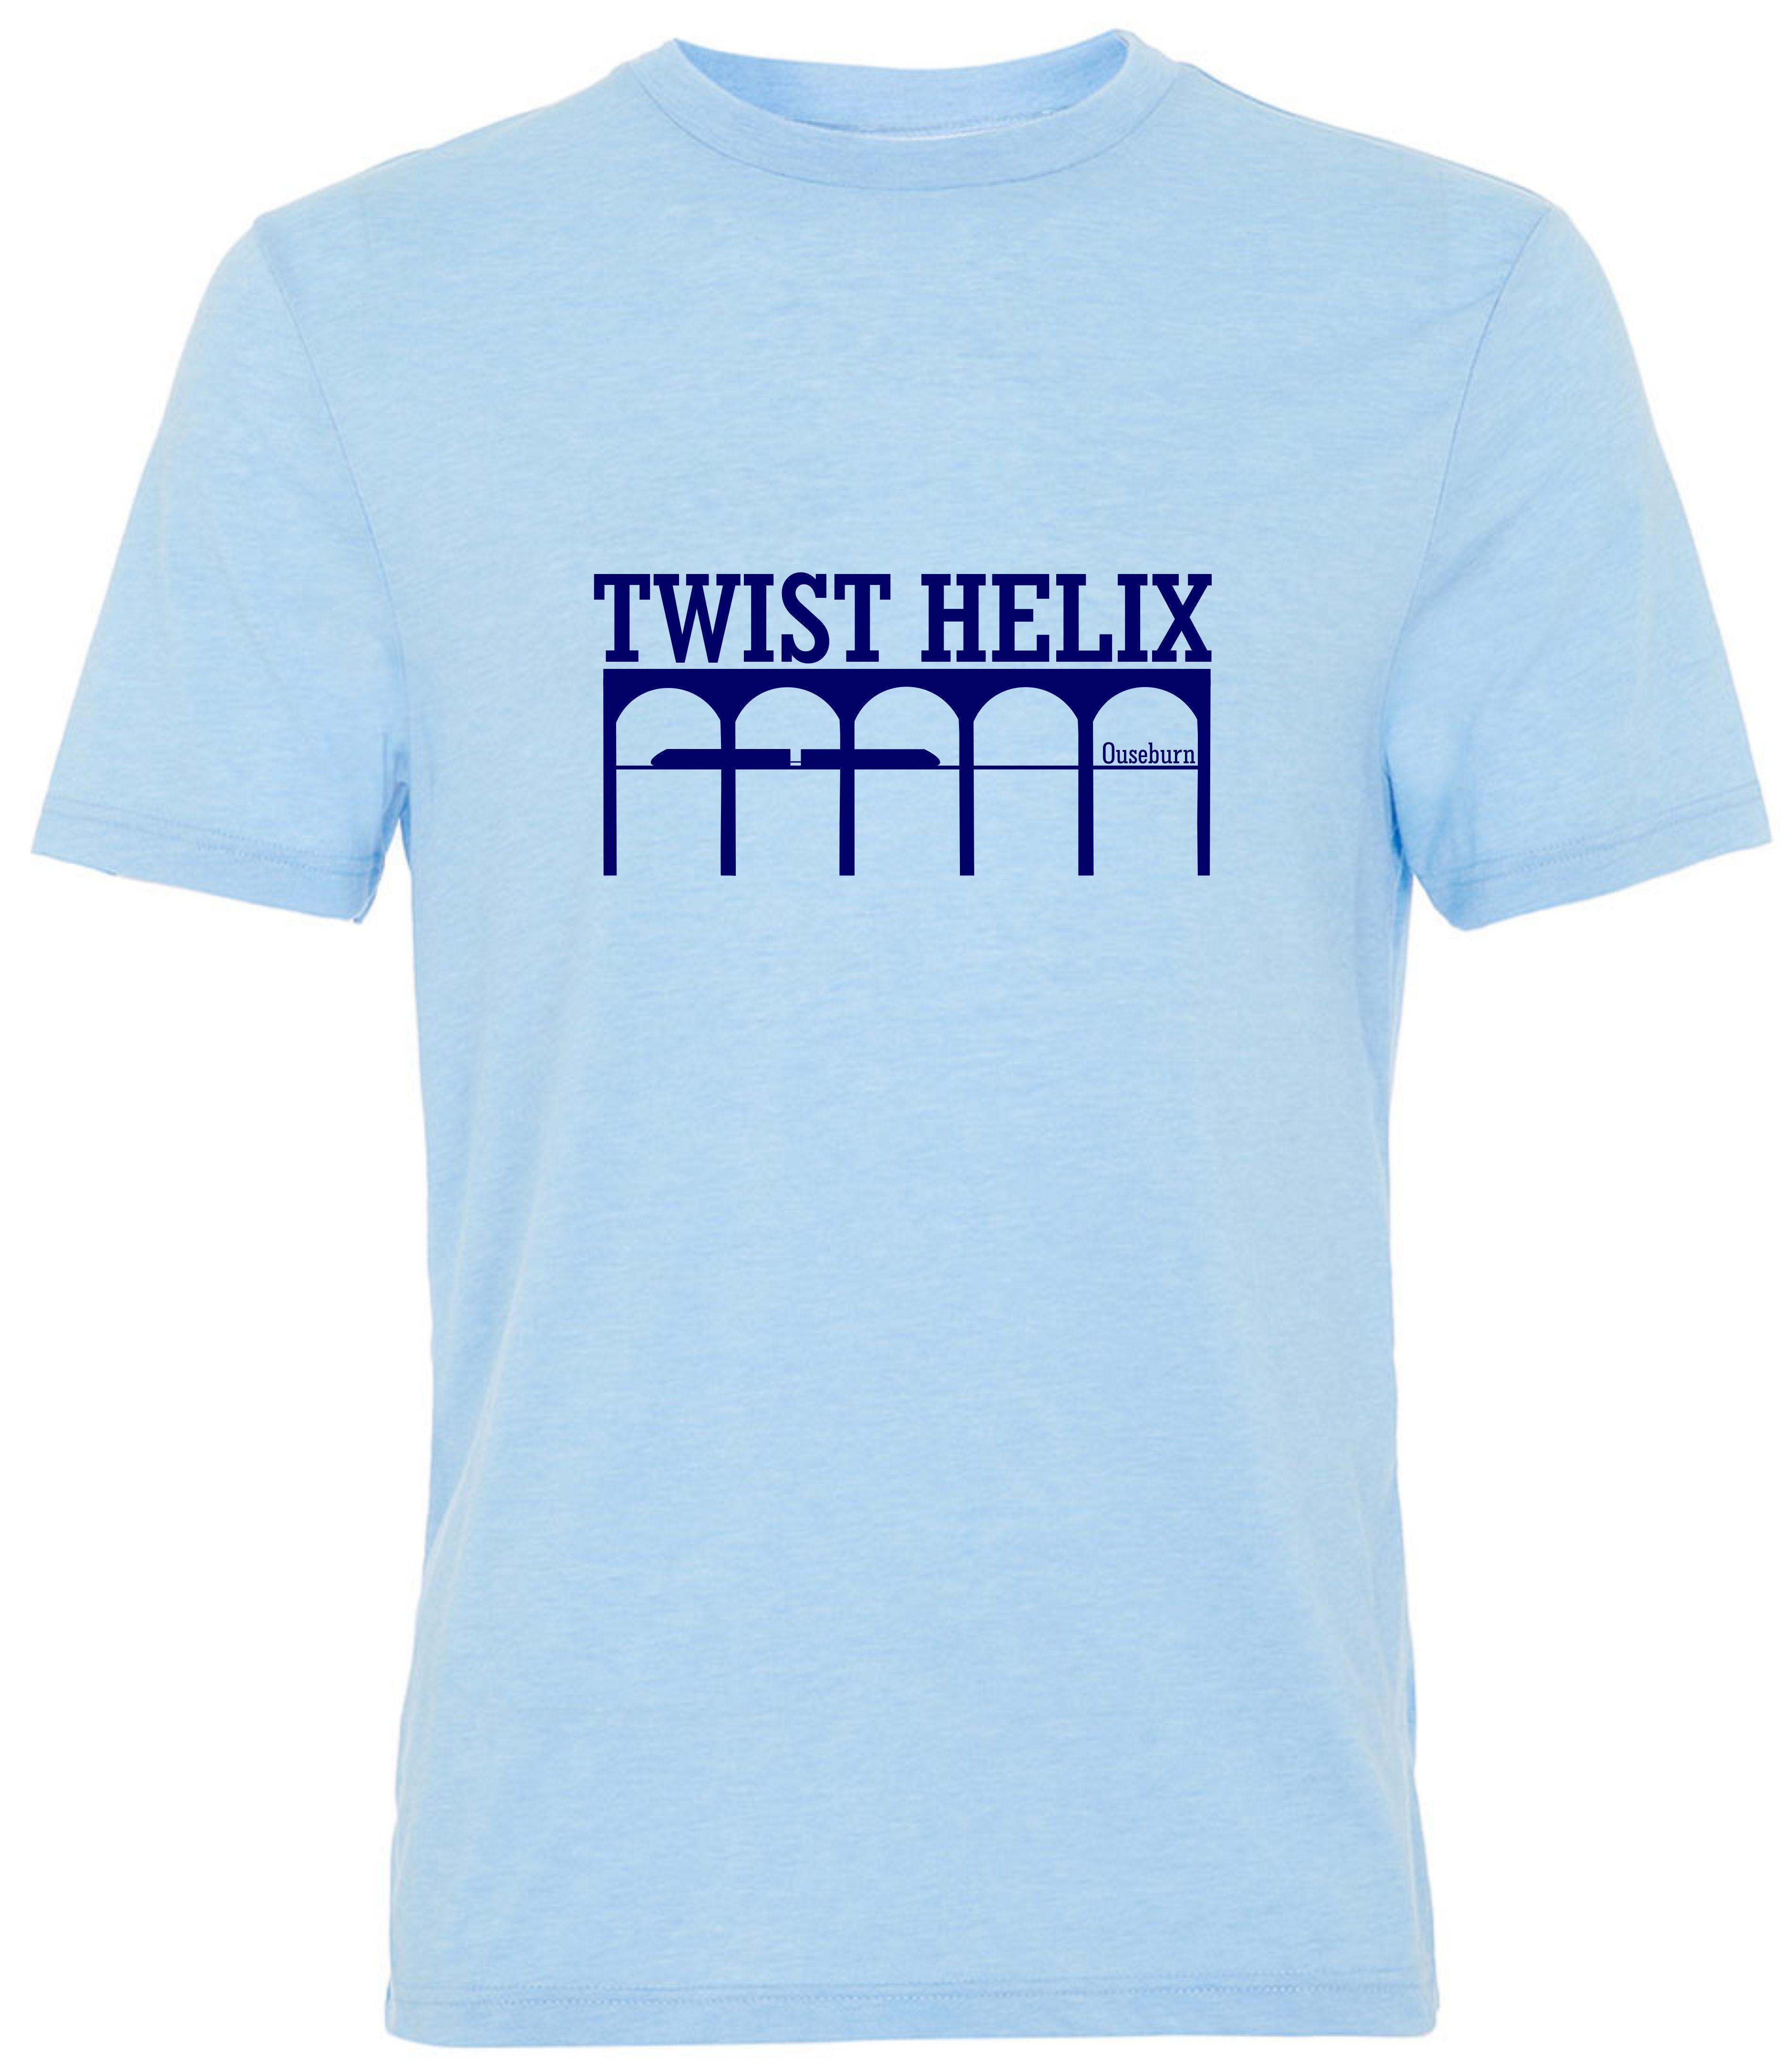 BYKER BRIDGE (Ouseburn) Blue - SOLD OUT - Twist Helix